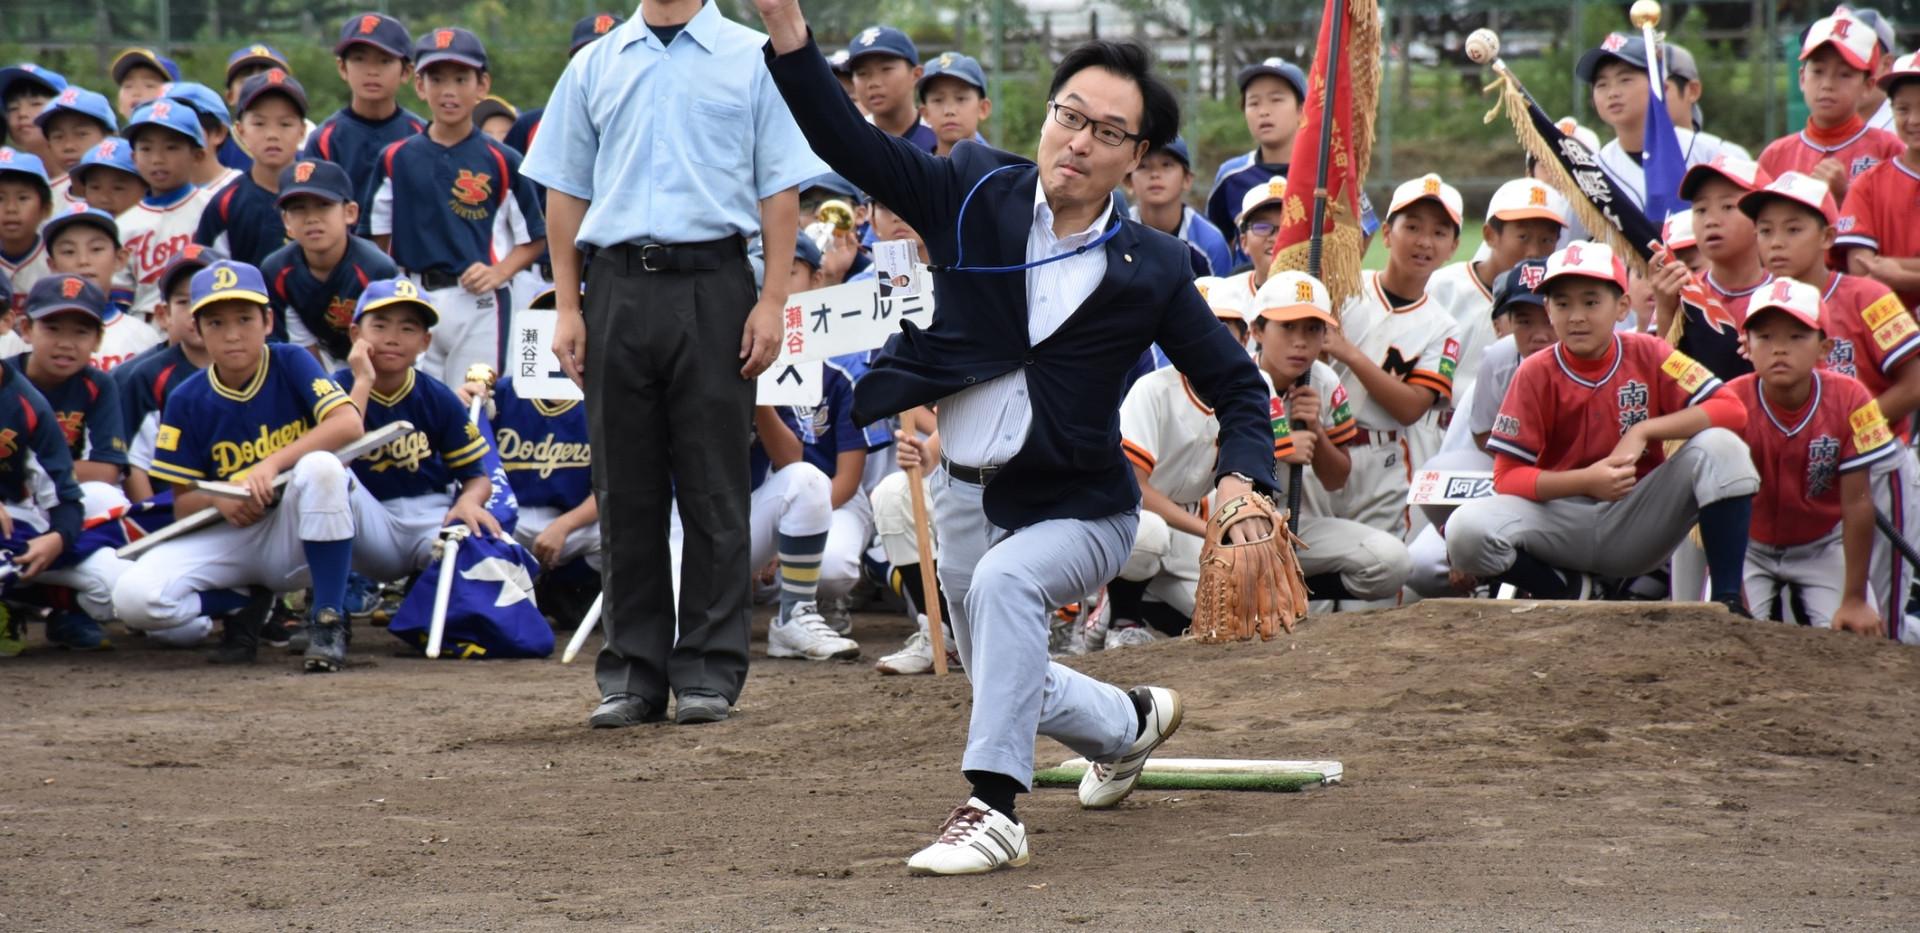 瀬谷区小学生野球連盟主催第41回秋季大会(2019年9月)